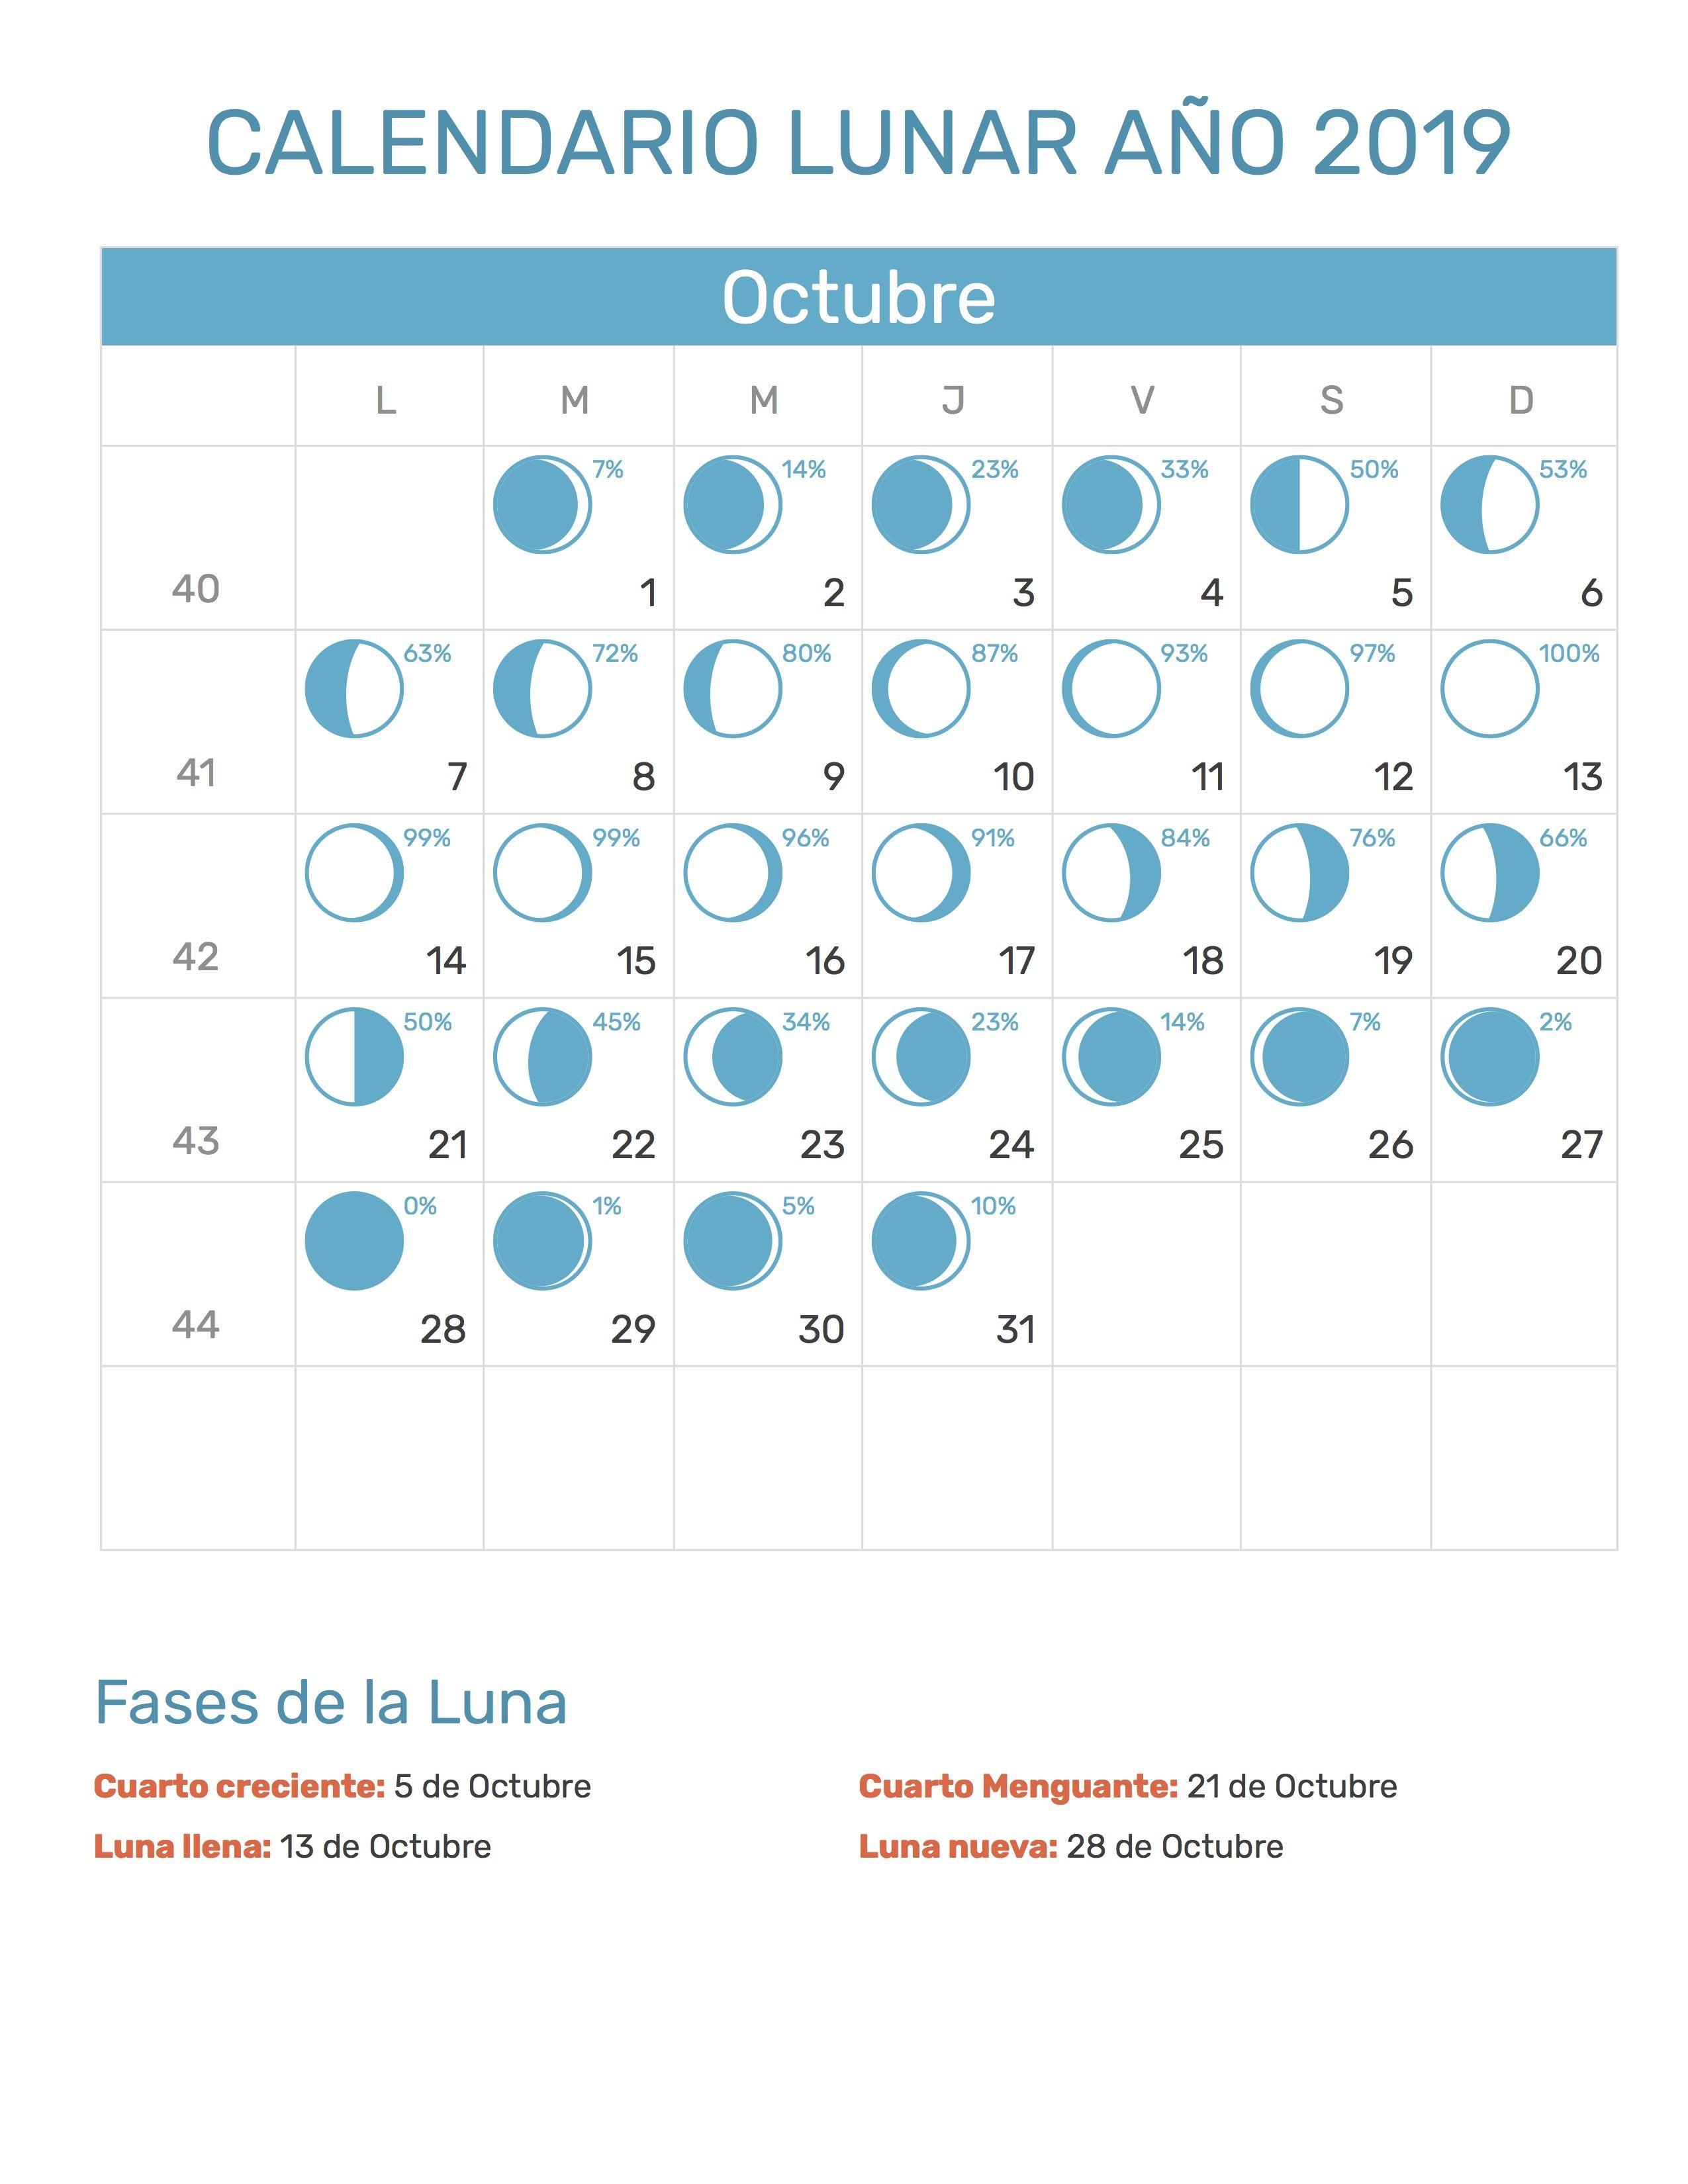 Calendario Lunar 2019 Espana.Pin De Calendario Hispano En Calendario Lunar Ano 2019 Calendario